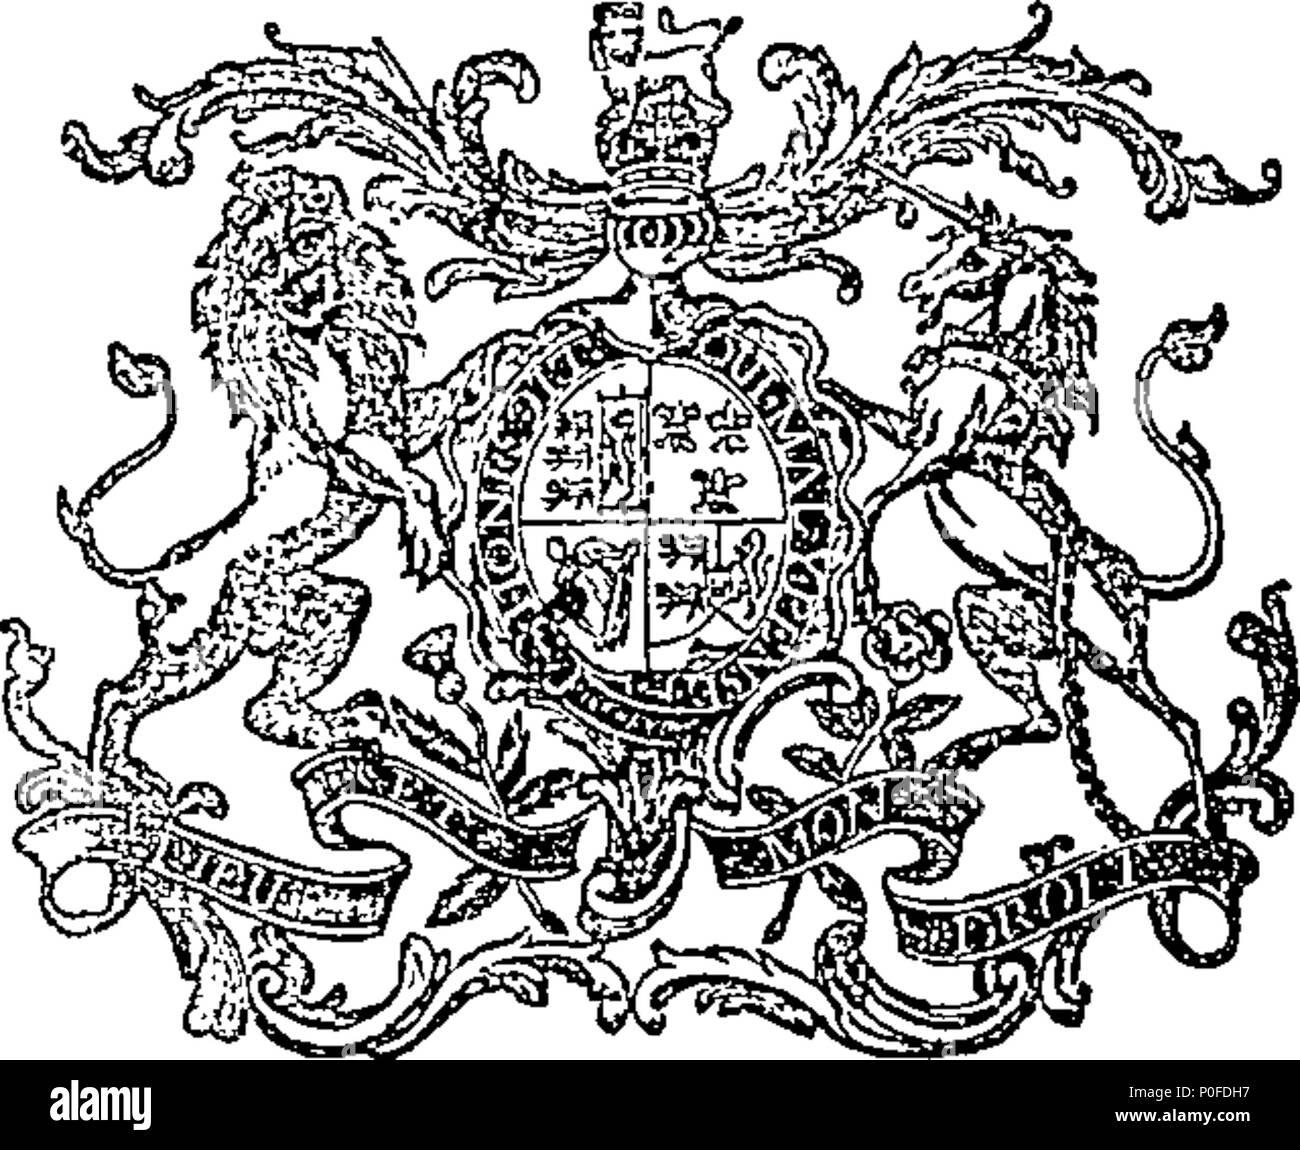 . Inglese: Fleuron dal libro: atti e statuti, realizzato in una sessione del Parlamento a Dublino, iniziato il ventunesimo giorno del mese di gennaio, Anno Domini, 1794, in Thirty-Fourth anno del regno di nostro grazioso sovrano Signore re Giorgio il terzo: prima di sua eccellenza John Fane, Conte di Westmorland, Lord Luogotenente Generale e Governatore Generale dell'Irlanda. Essendo la quinta sessione del quinto Parlamento, sotto il regno di Sua Maestà. 260 atti e statuti Fleuron T127038-36 Foto Stock